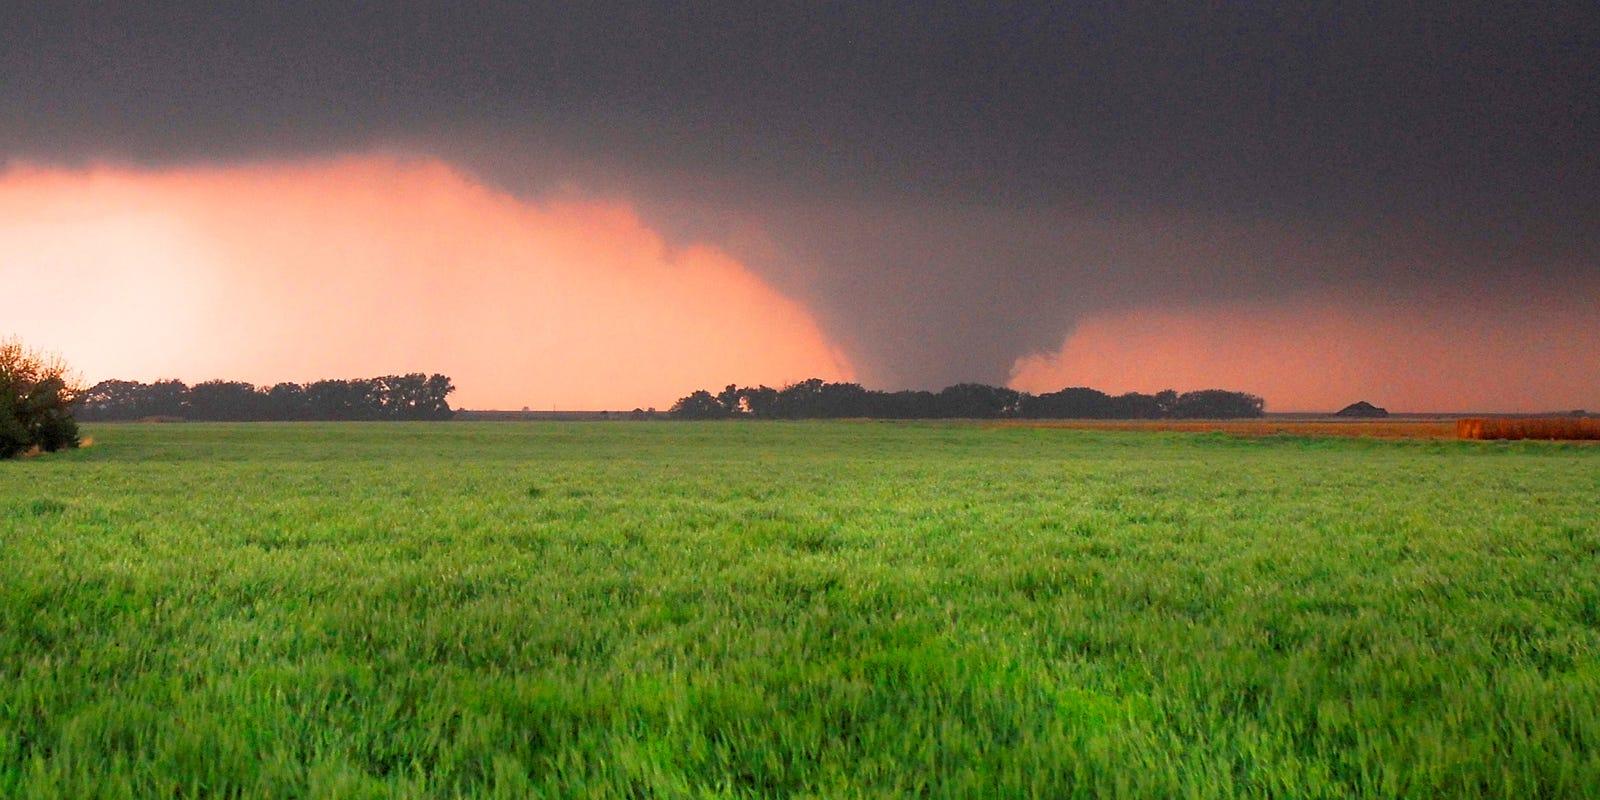 Tornado activity hits 60-year low